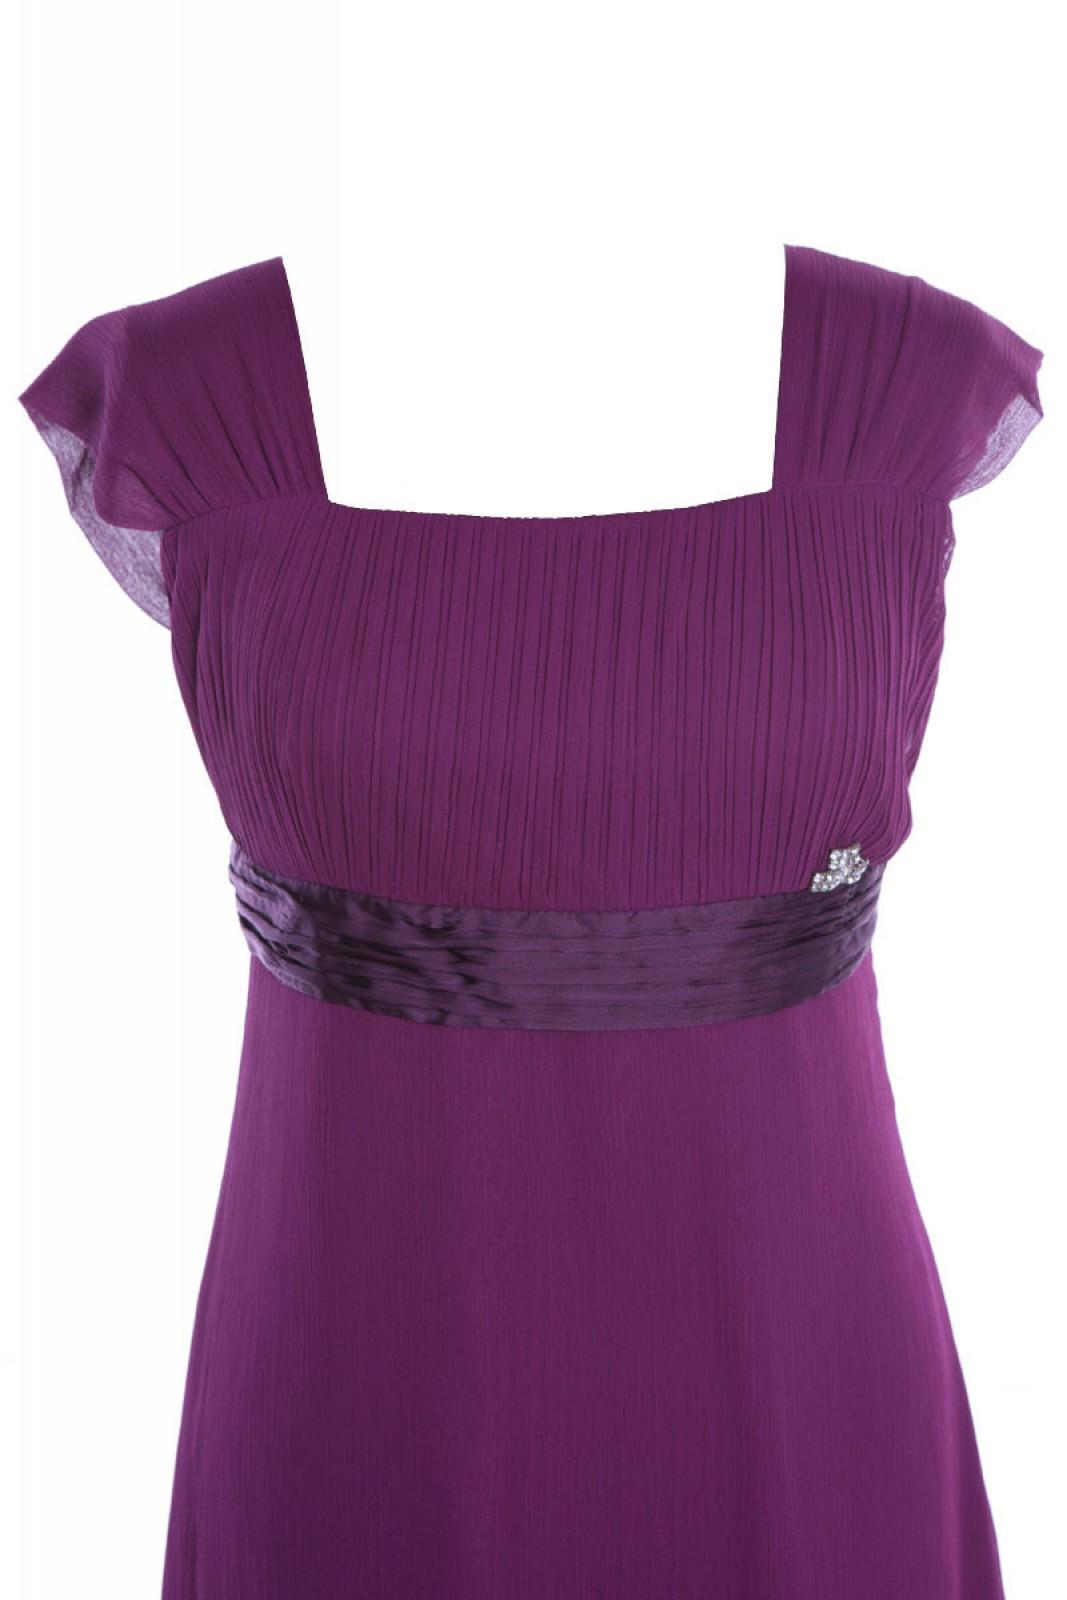 Chiffon kleid violett – Beliebte Kleidermodelle 2018